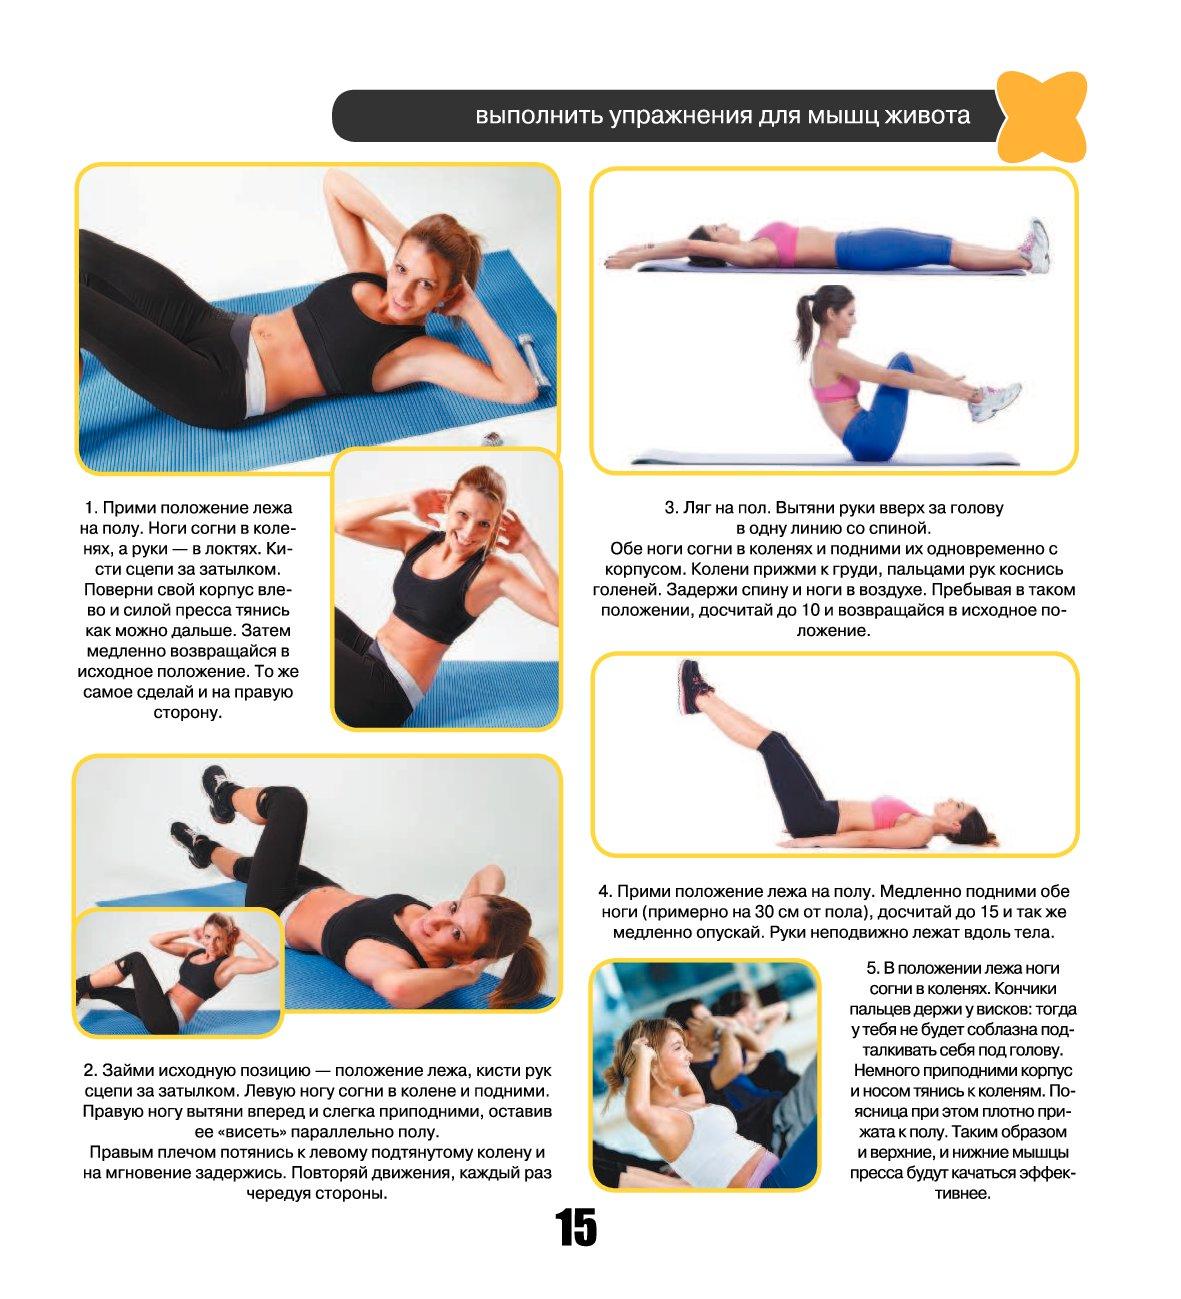 упражнения с картинками для укрепления мышц живота более